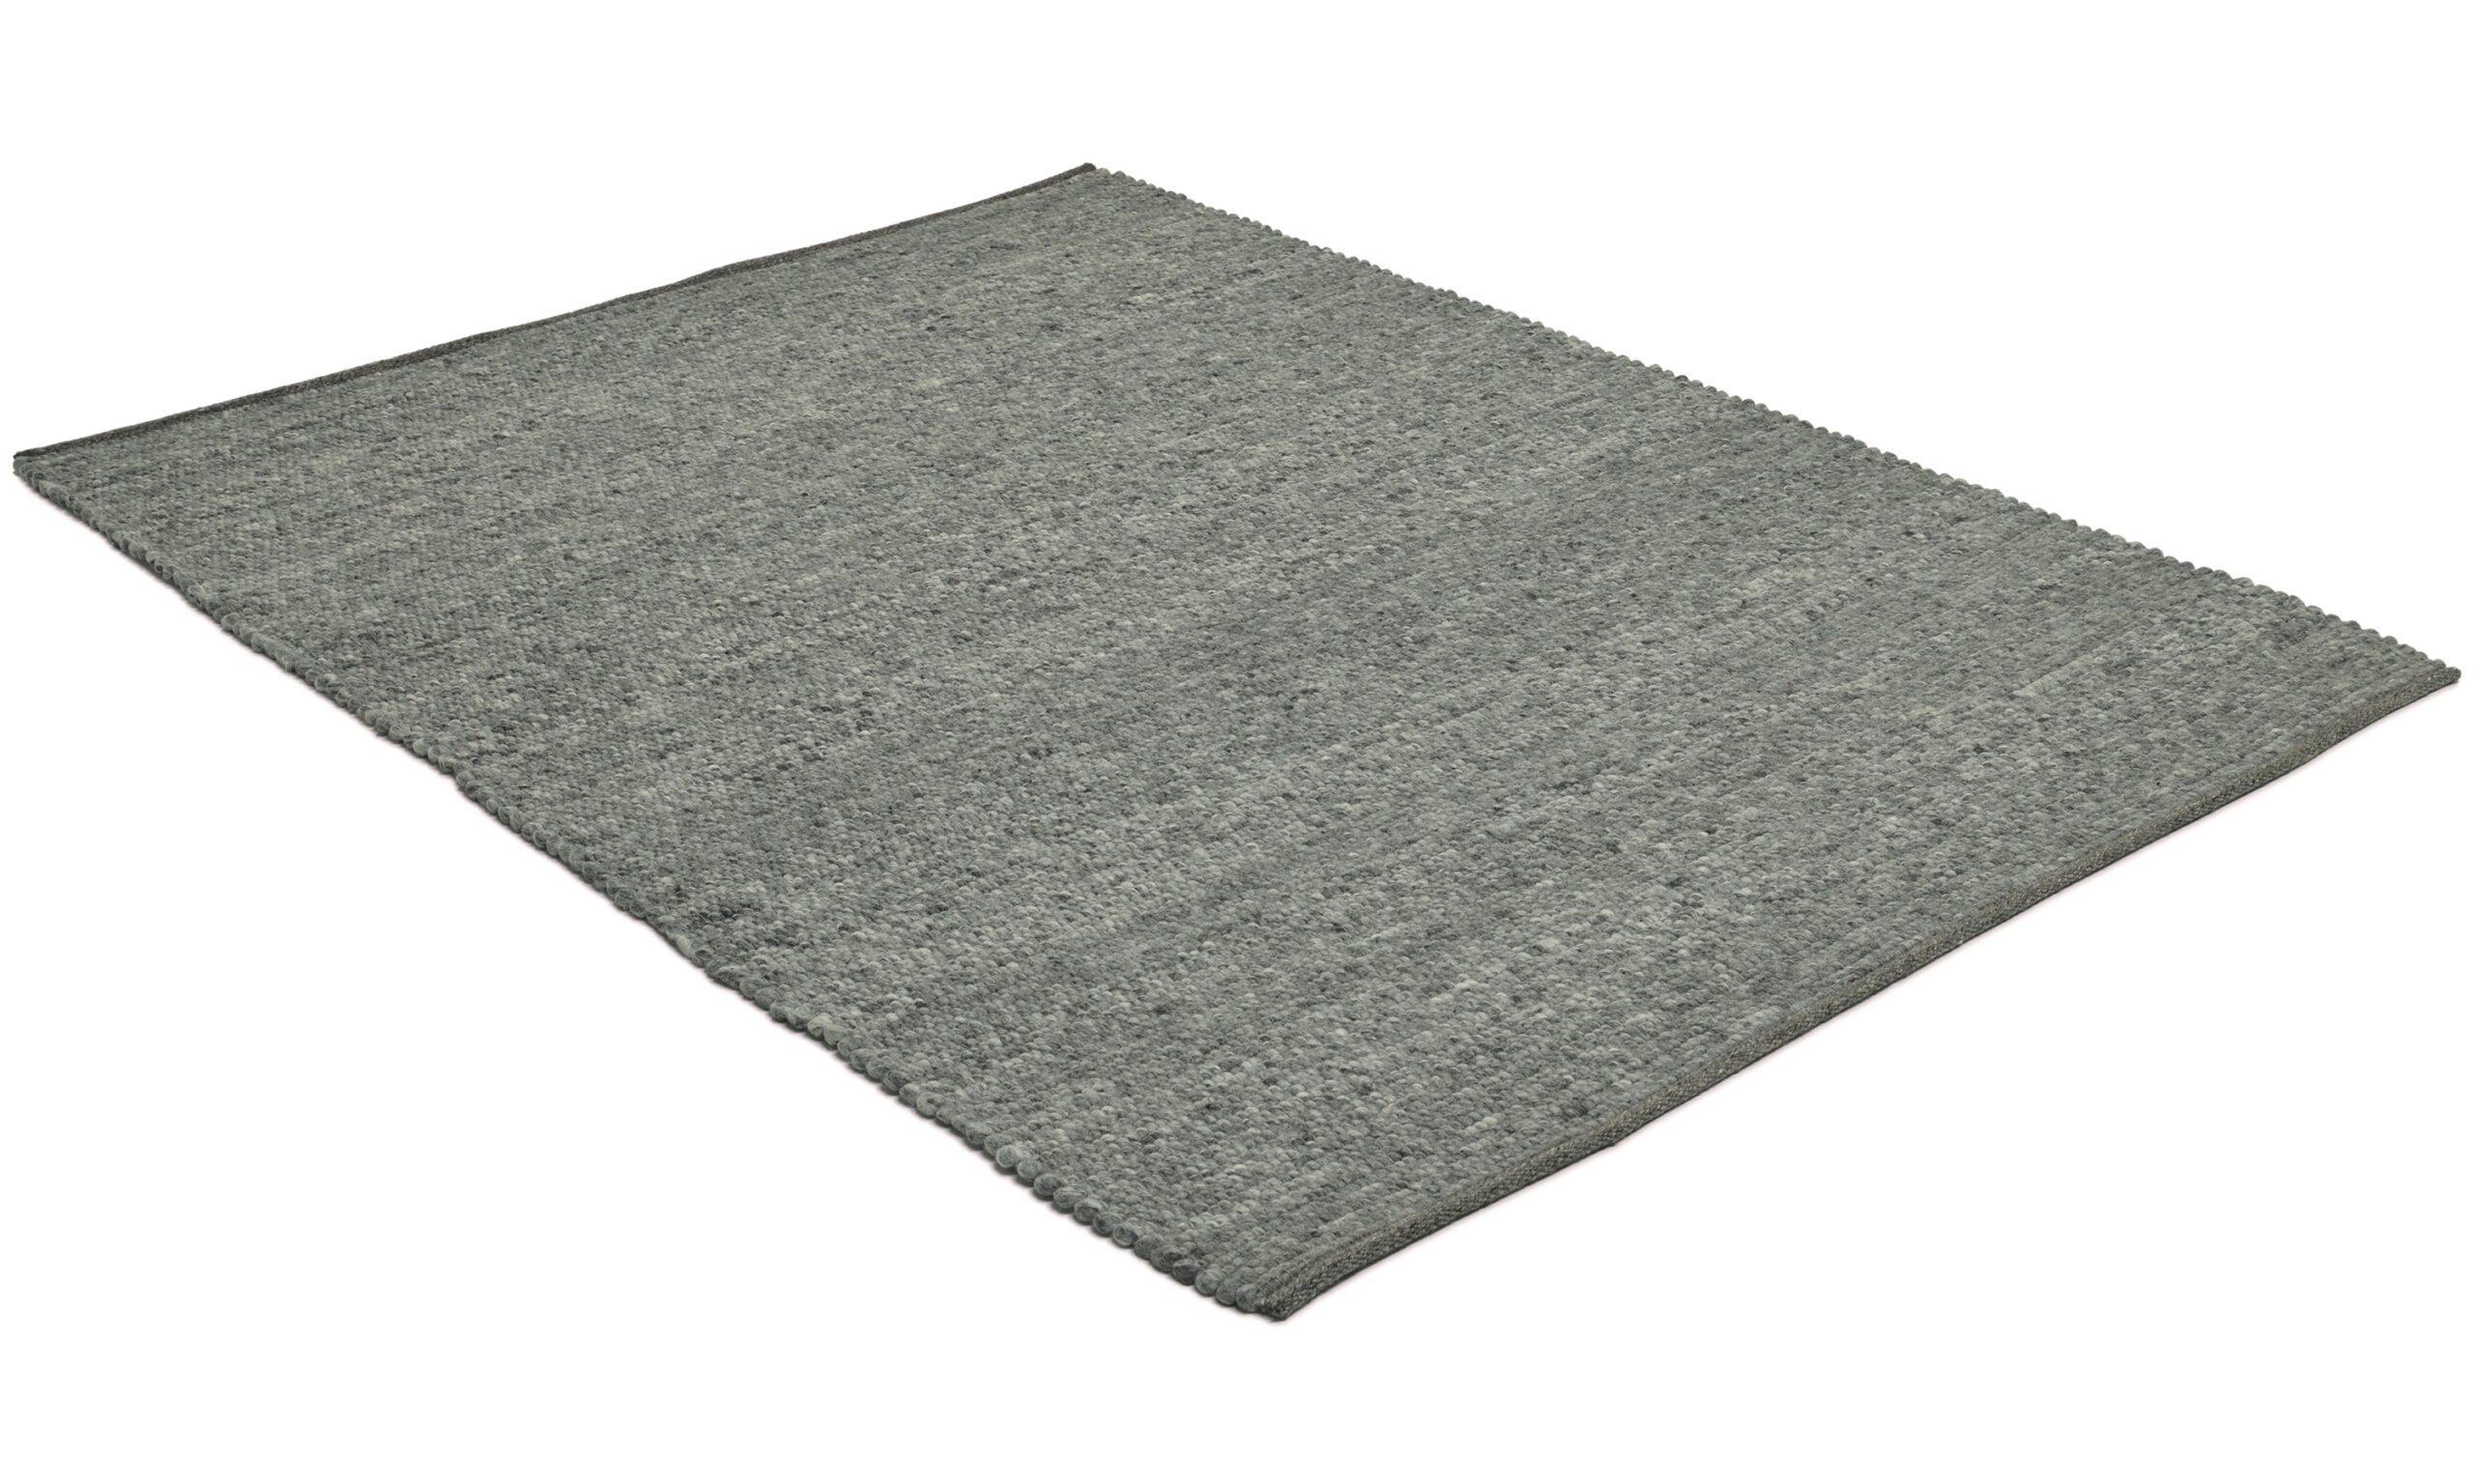 Merino granit - handvävd ullmatta